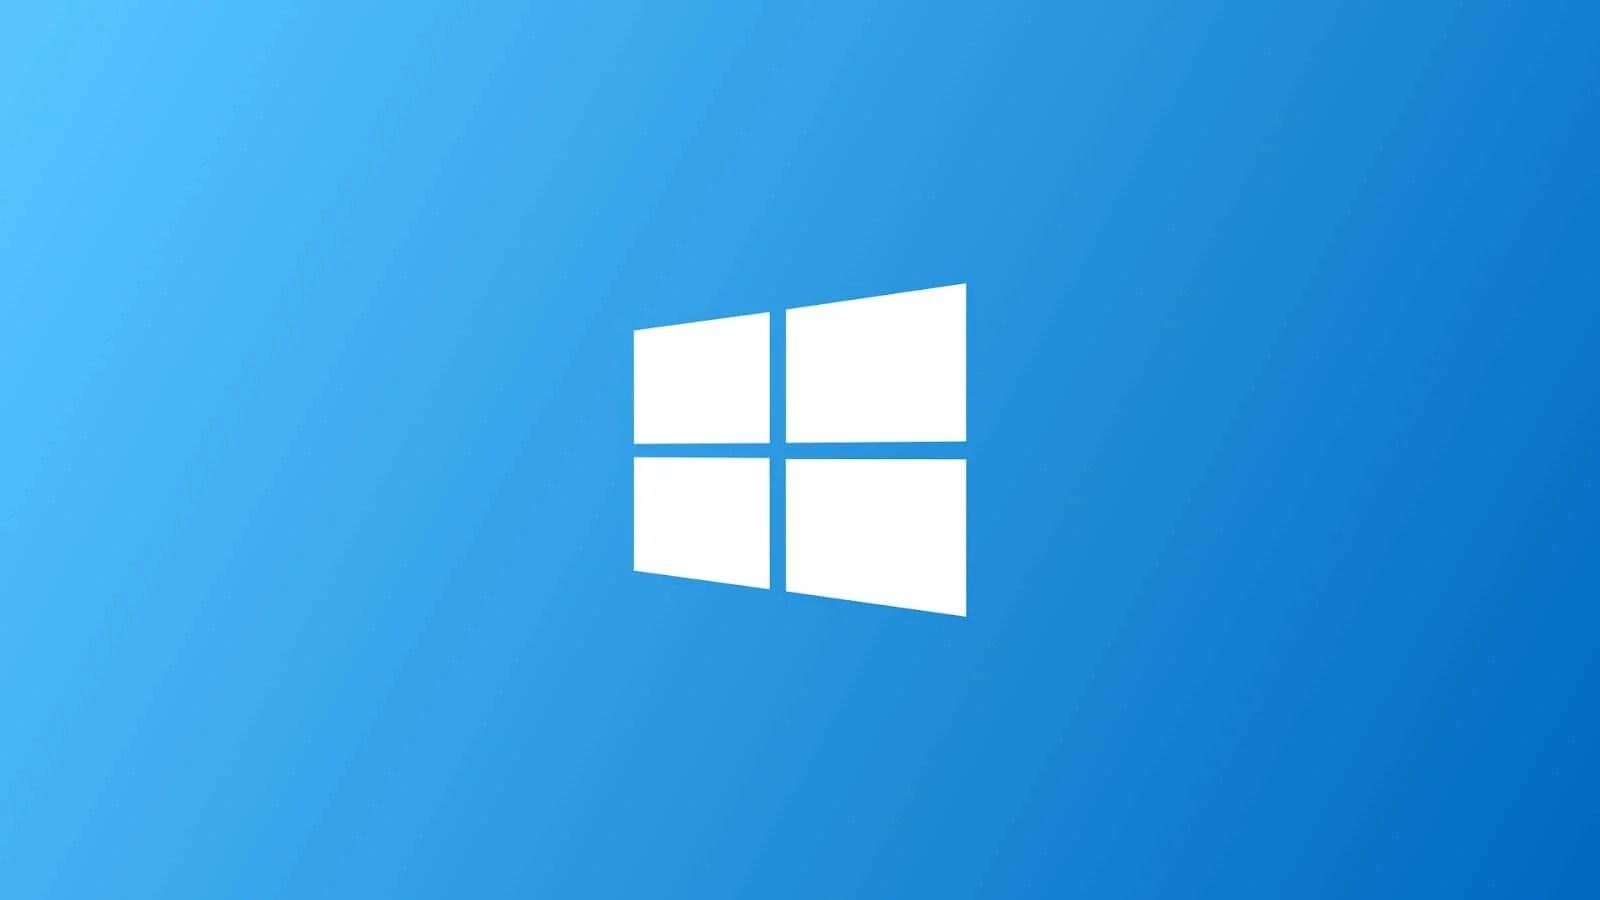 windows 8 logo wallpapers - Serviços da Microsoft estão offline hoje